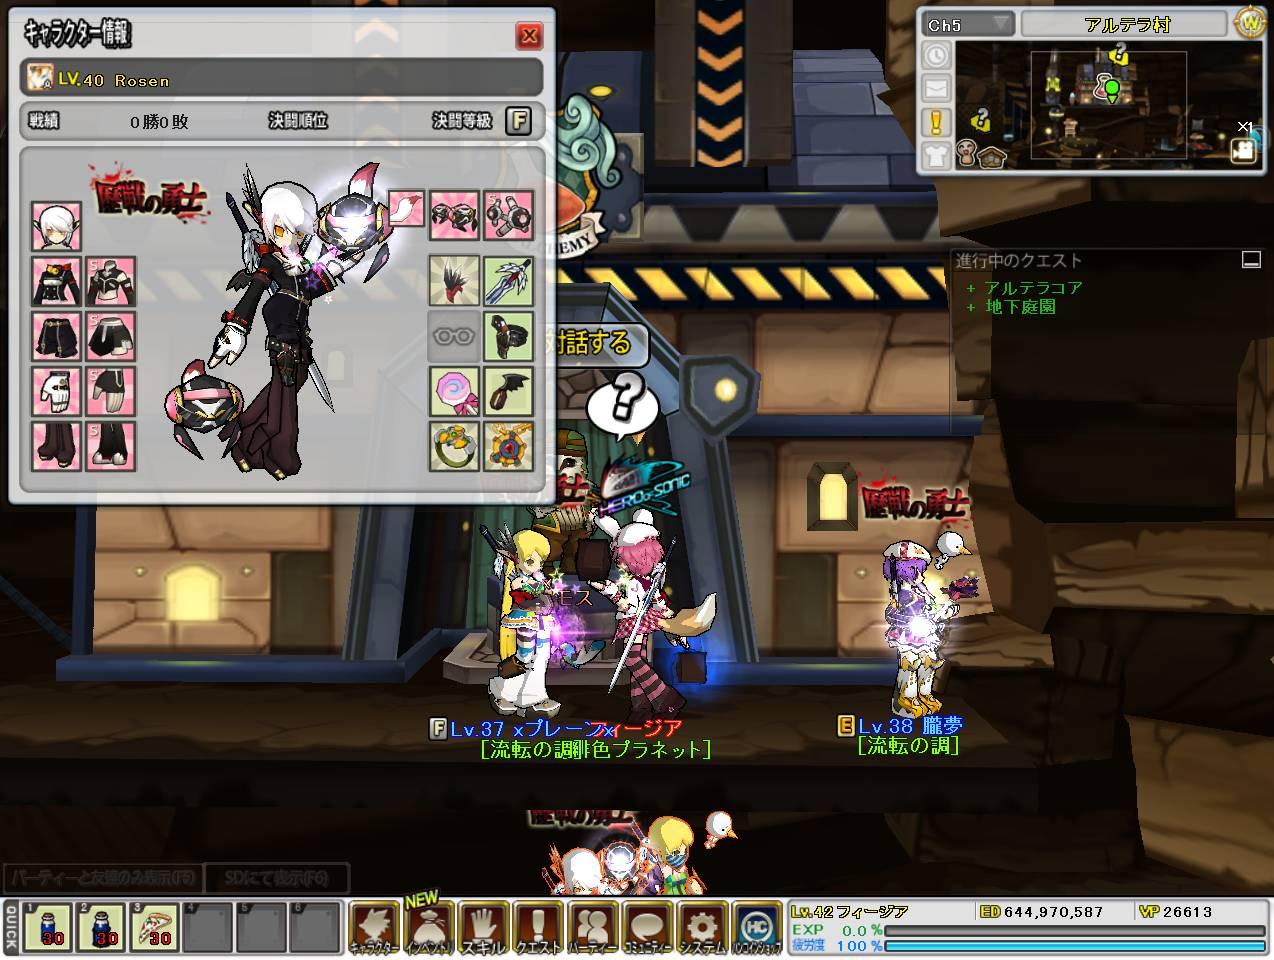 SC_2010_10_18_11_3_16_.jpg